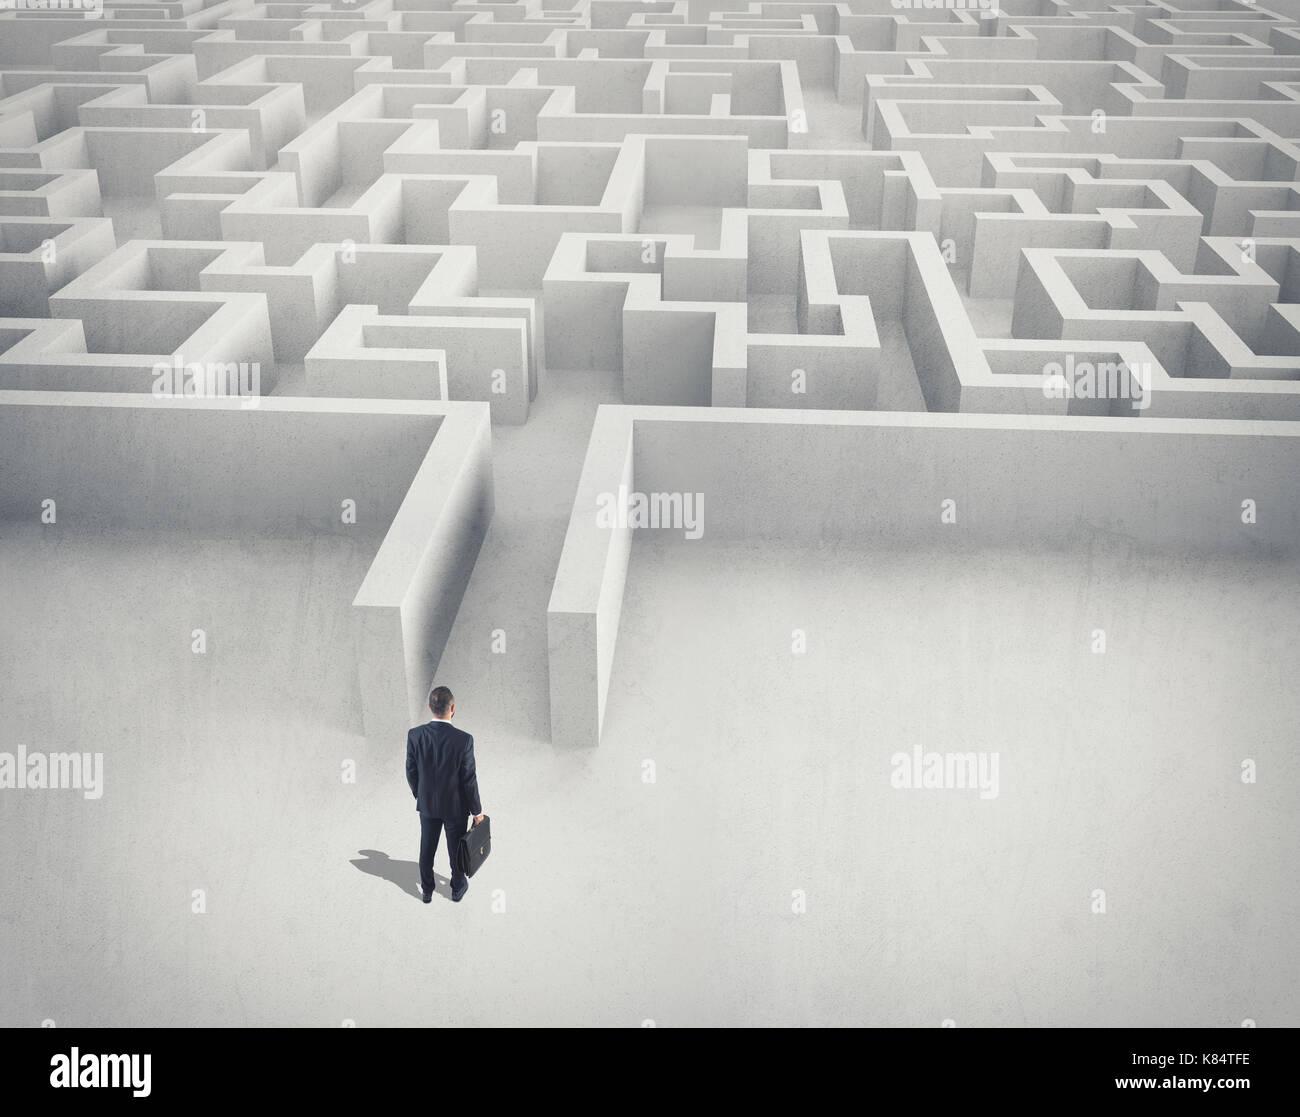 Unternehmerische Herausforderung. Ein Geschäftsmann Navigation durch ein Labyrinth. Ansicht von oben Stockbild